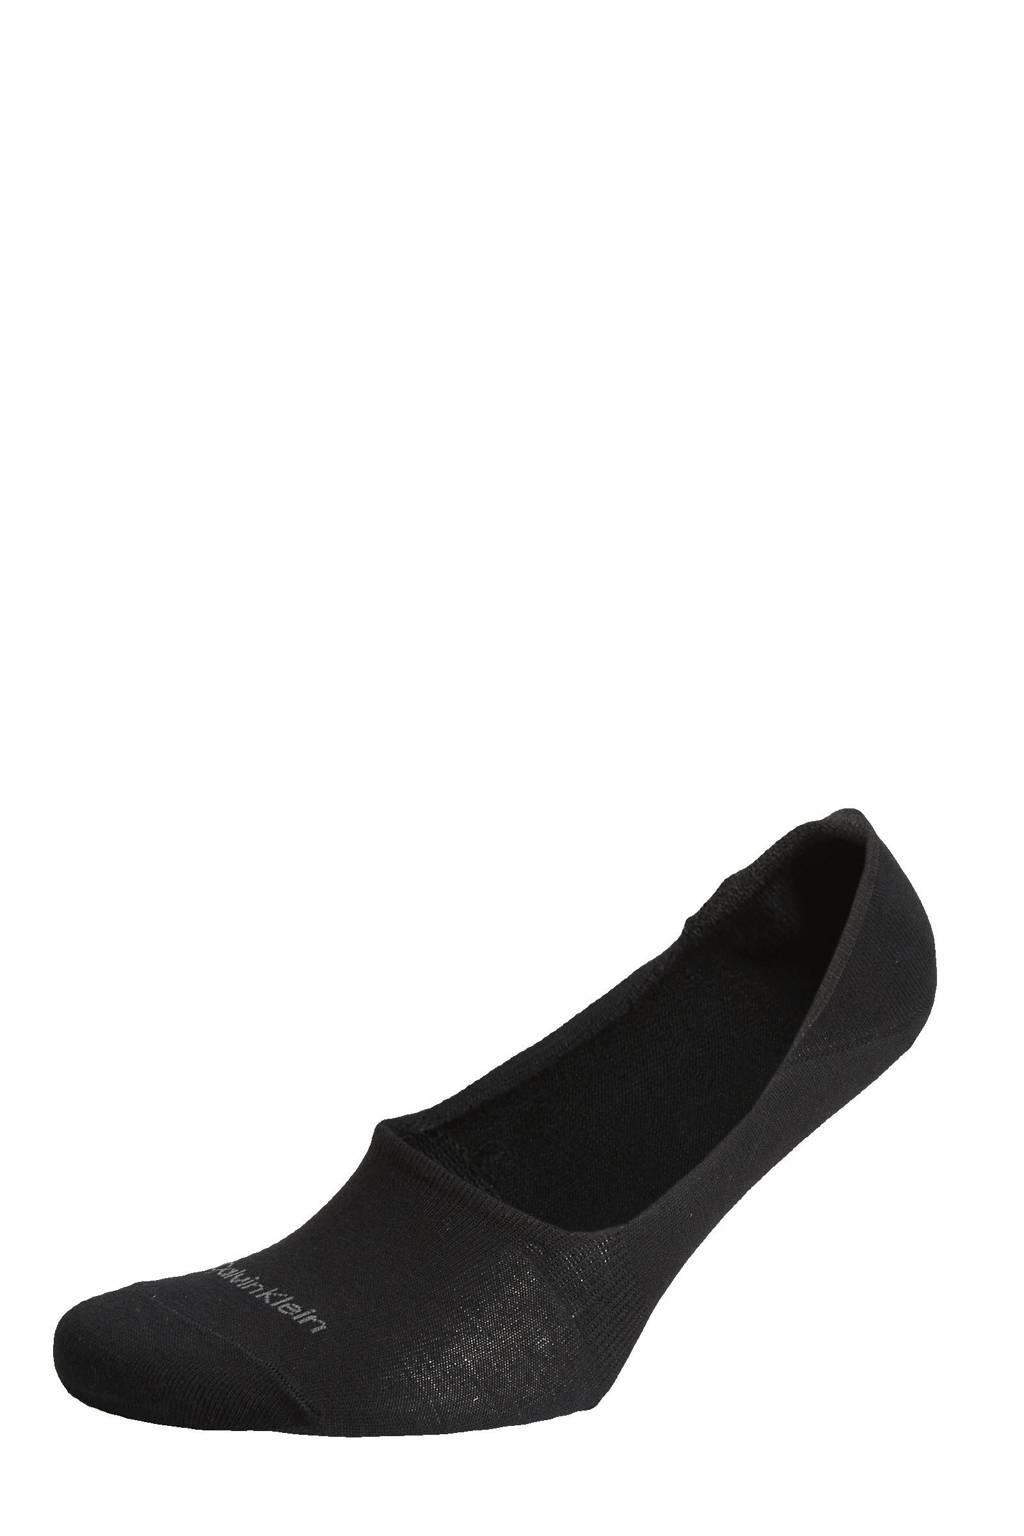 CALVIN KLEIN sneakersokken - 2 paar, Zwart/grijs